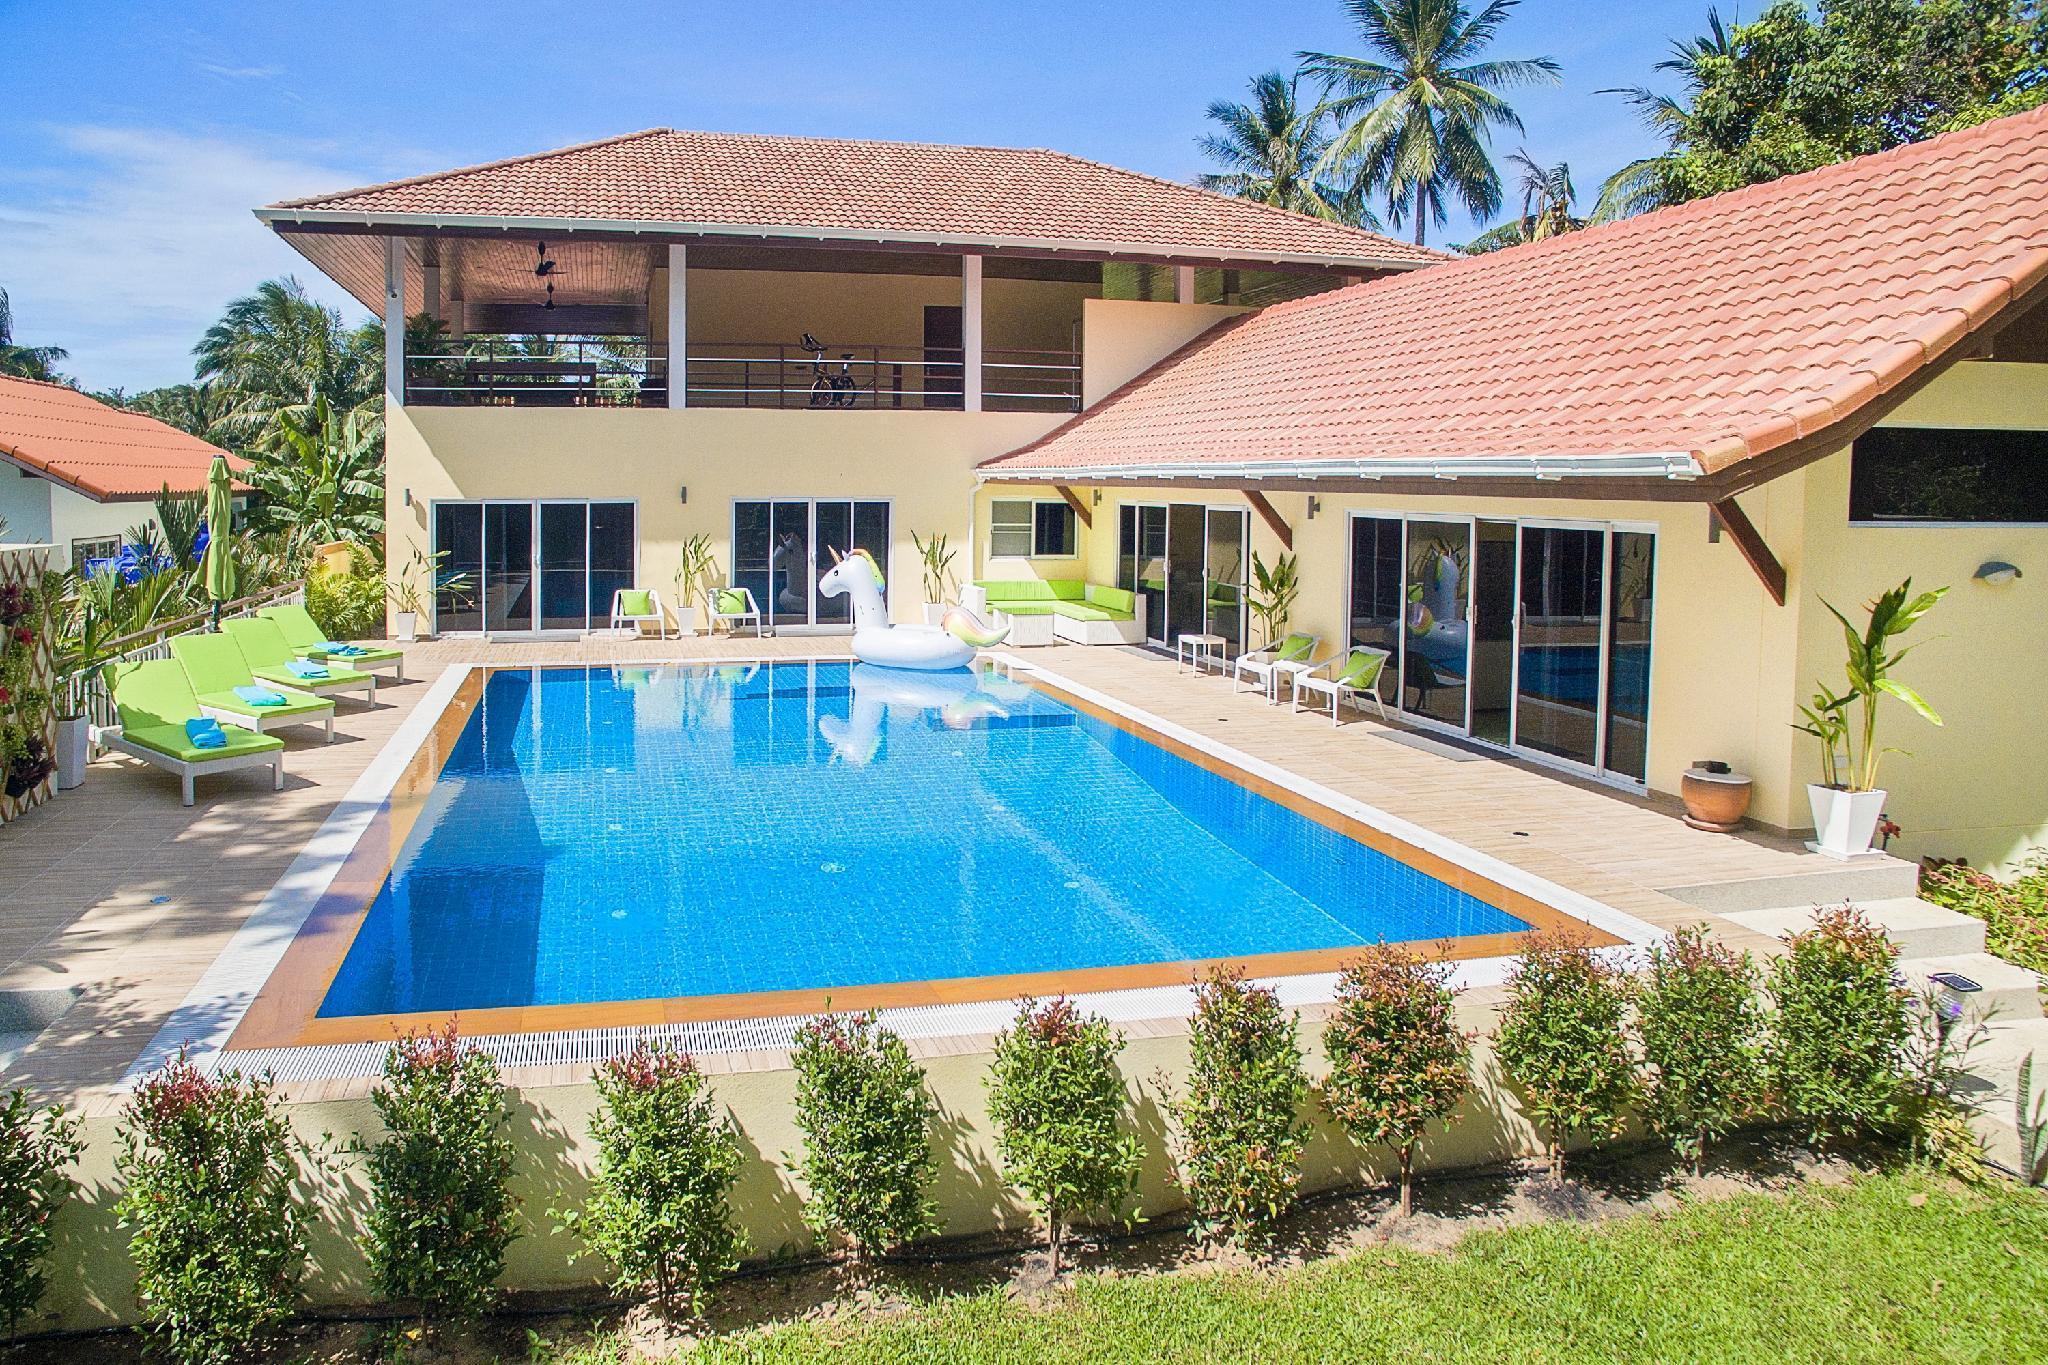 VILLA BY EMILY  Spacious Garden Pool Villa VILLA BY EMILY  Spacious Garden Pool Villa